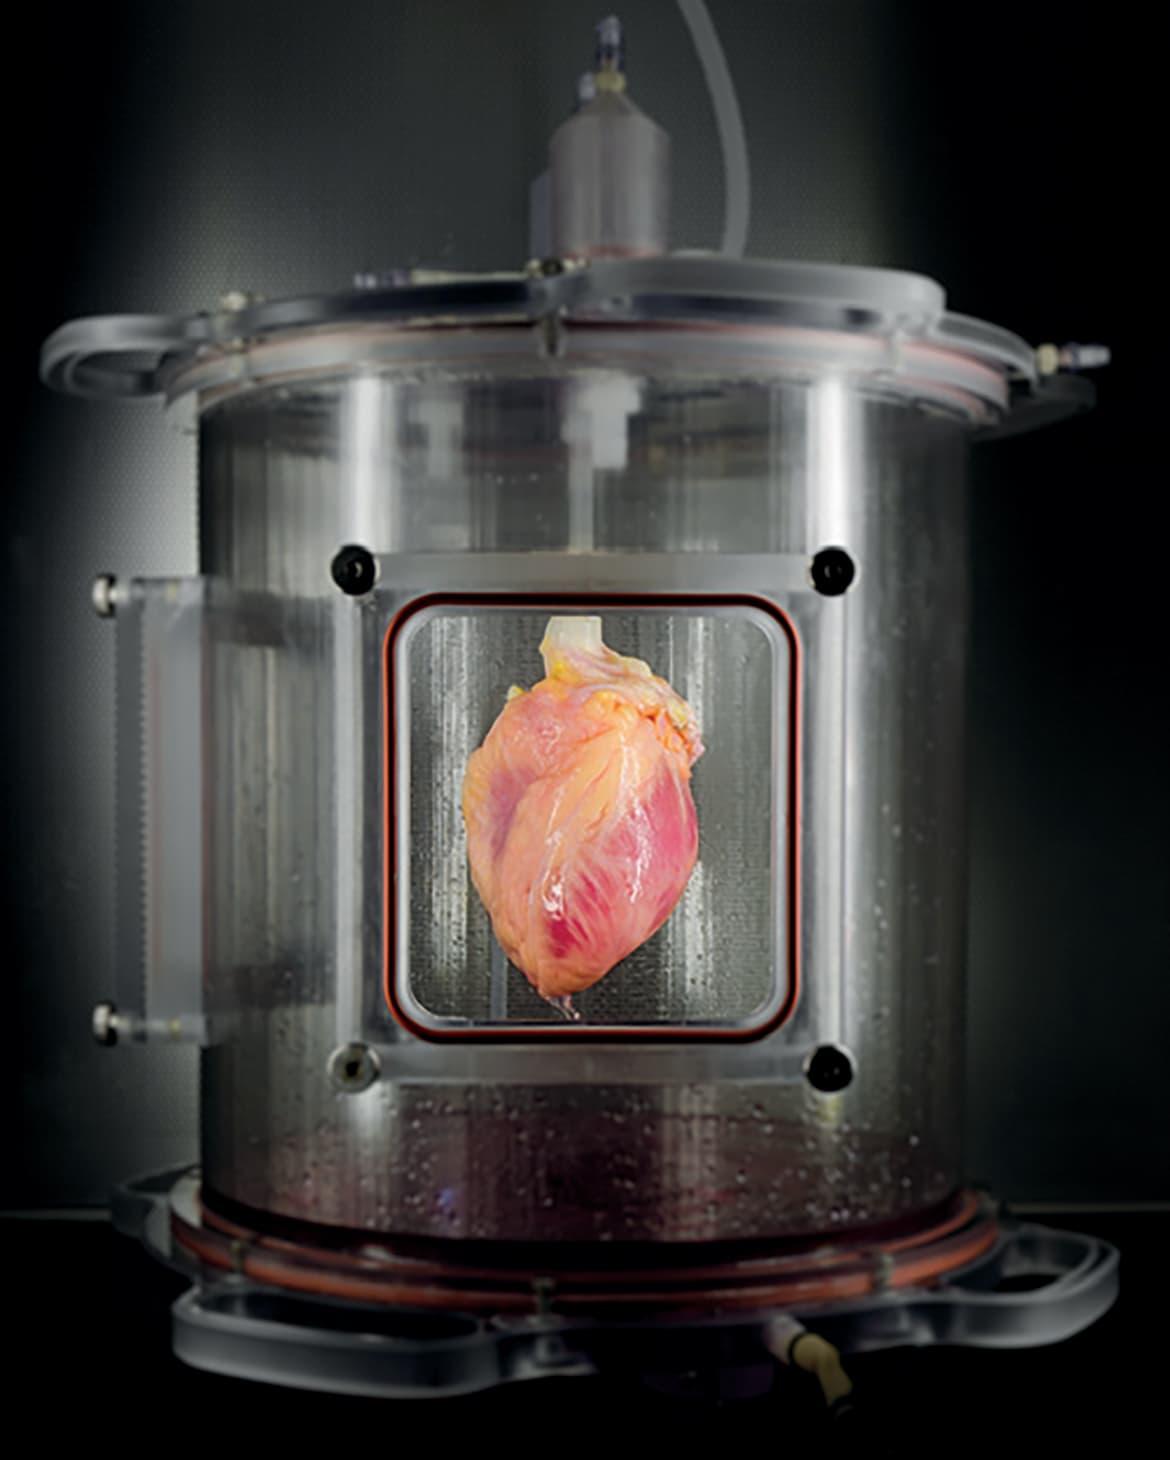 Modelo de tejido cardíaco biosintético (massgeneral.org)